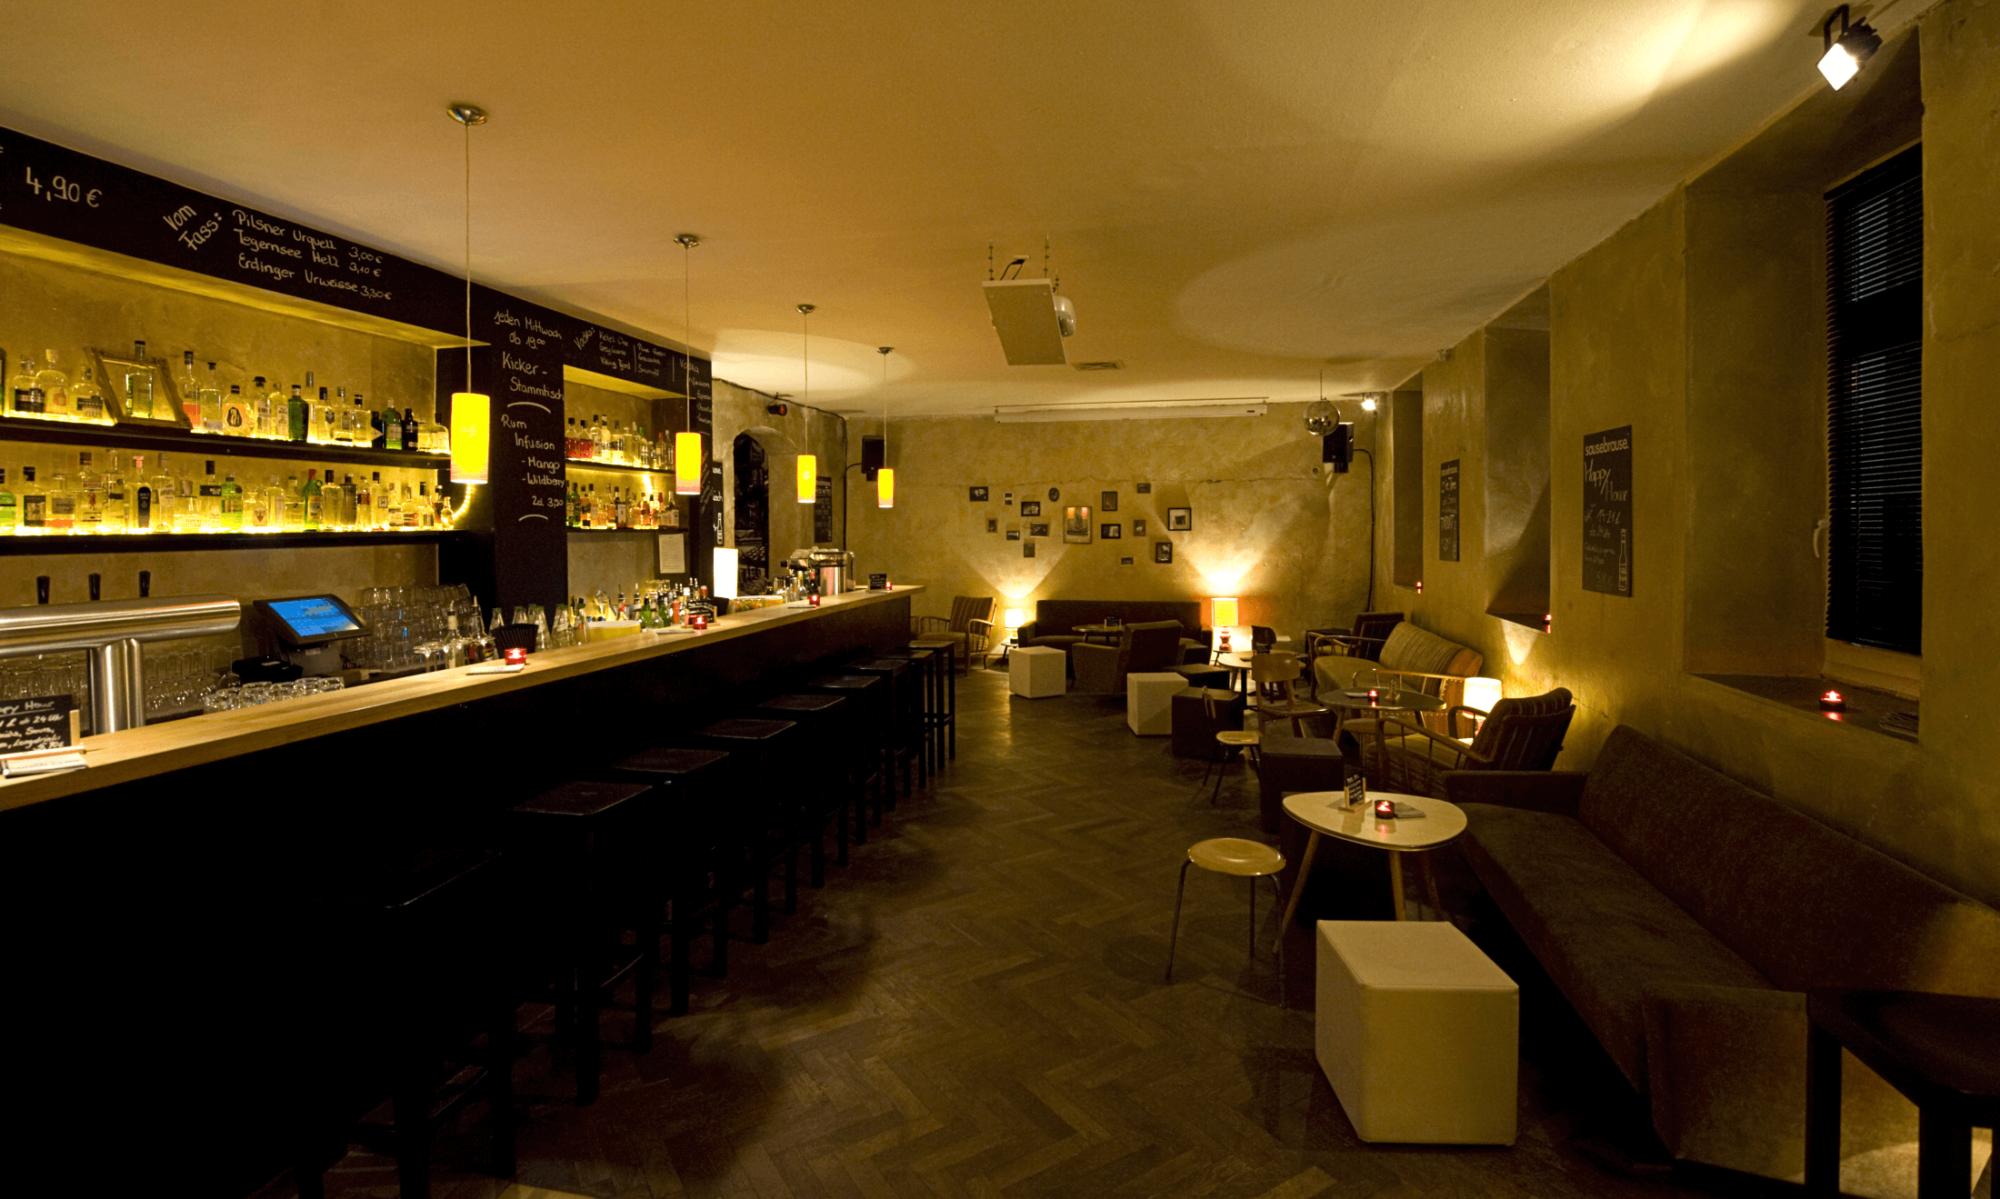 Full Size of Sofa München Bar Couch Club Ginbar Mit Ber 150 Sorten Gin Im Billig Big Sam Dauerschläfer Impressionen Kunstleder Hocker Koinor überzug Verstellbarer Sofa Sofa München